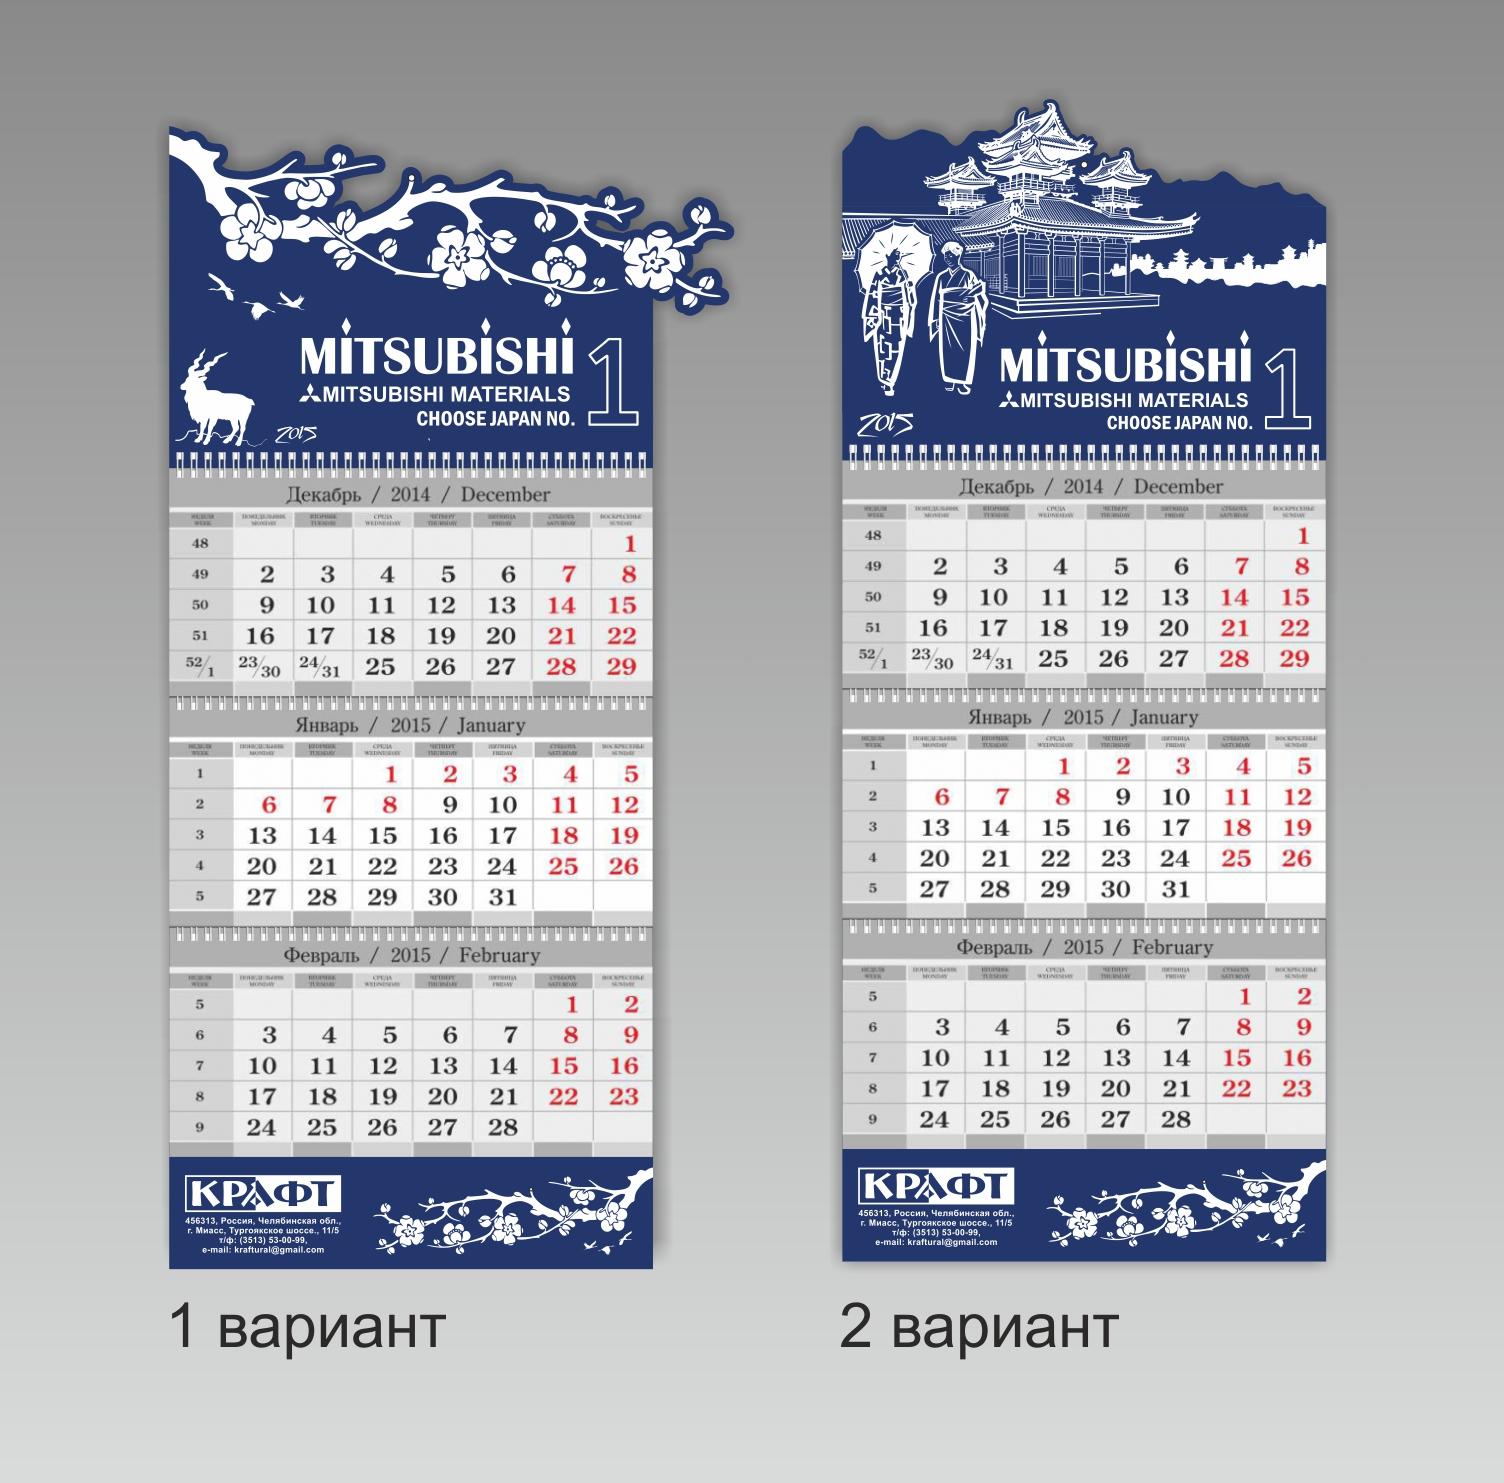 картинка для квартального календаря